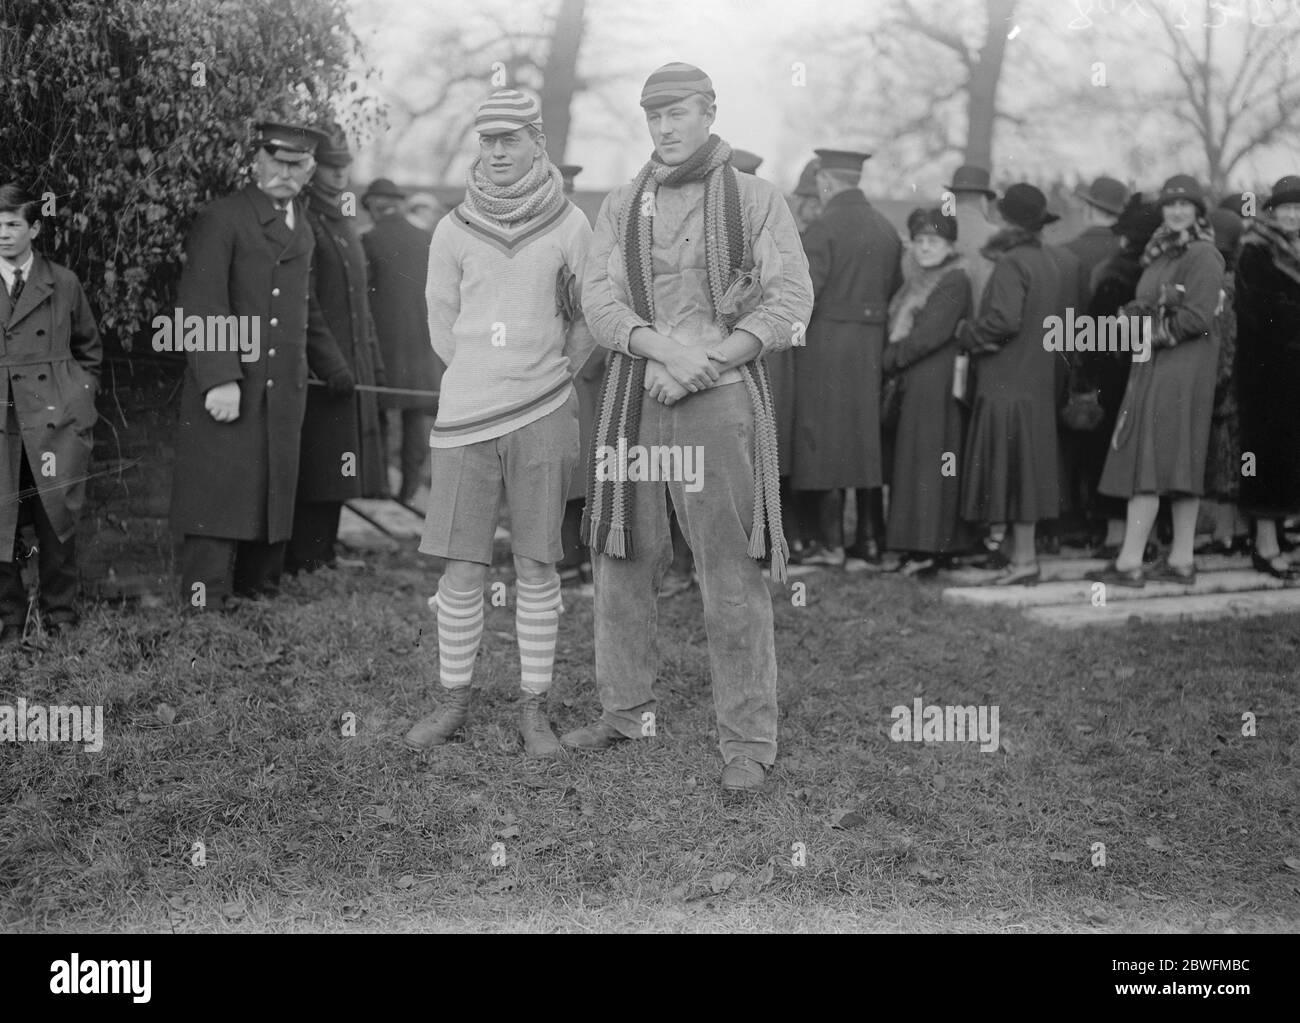 Eton jeu mural . P St J Stirling ( gardien du mur du collège ) à gauche , et comte de Kincardine ( gardien du mur des Opidiens ) avant le match . 30 novembre 1925 Banque D'Images